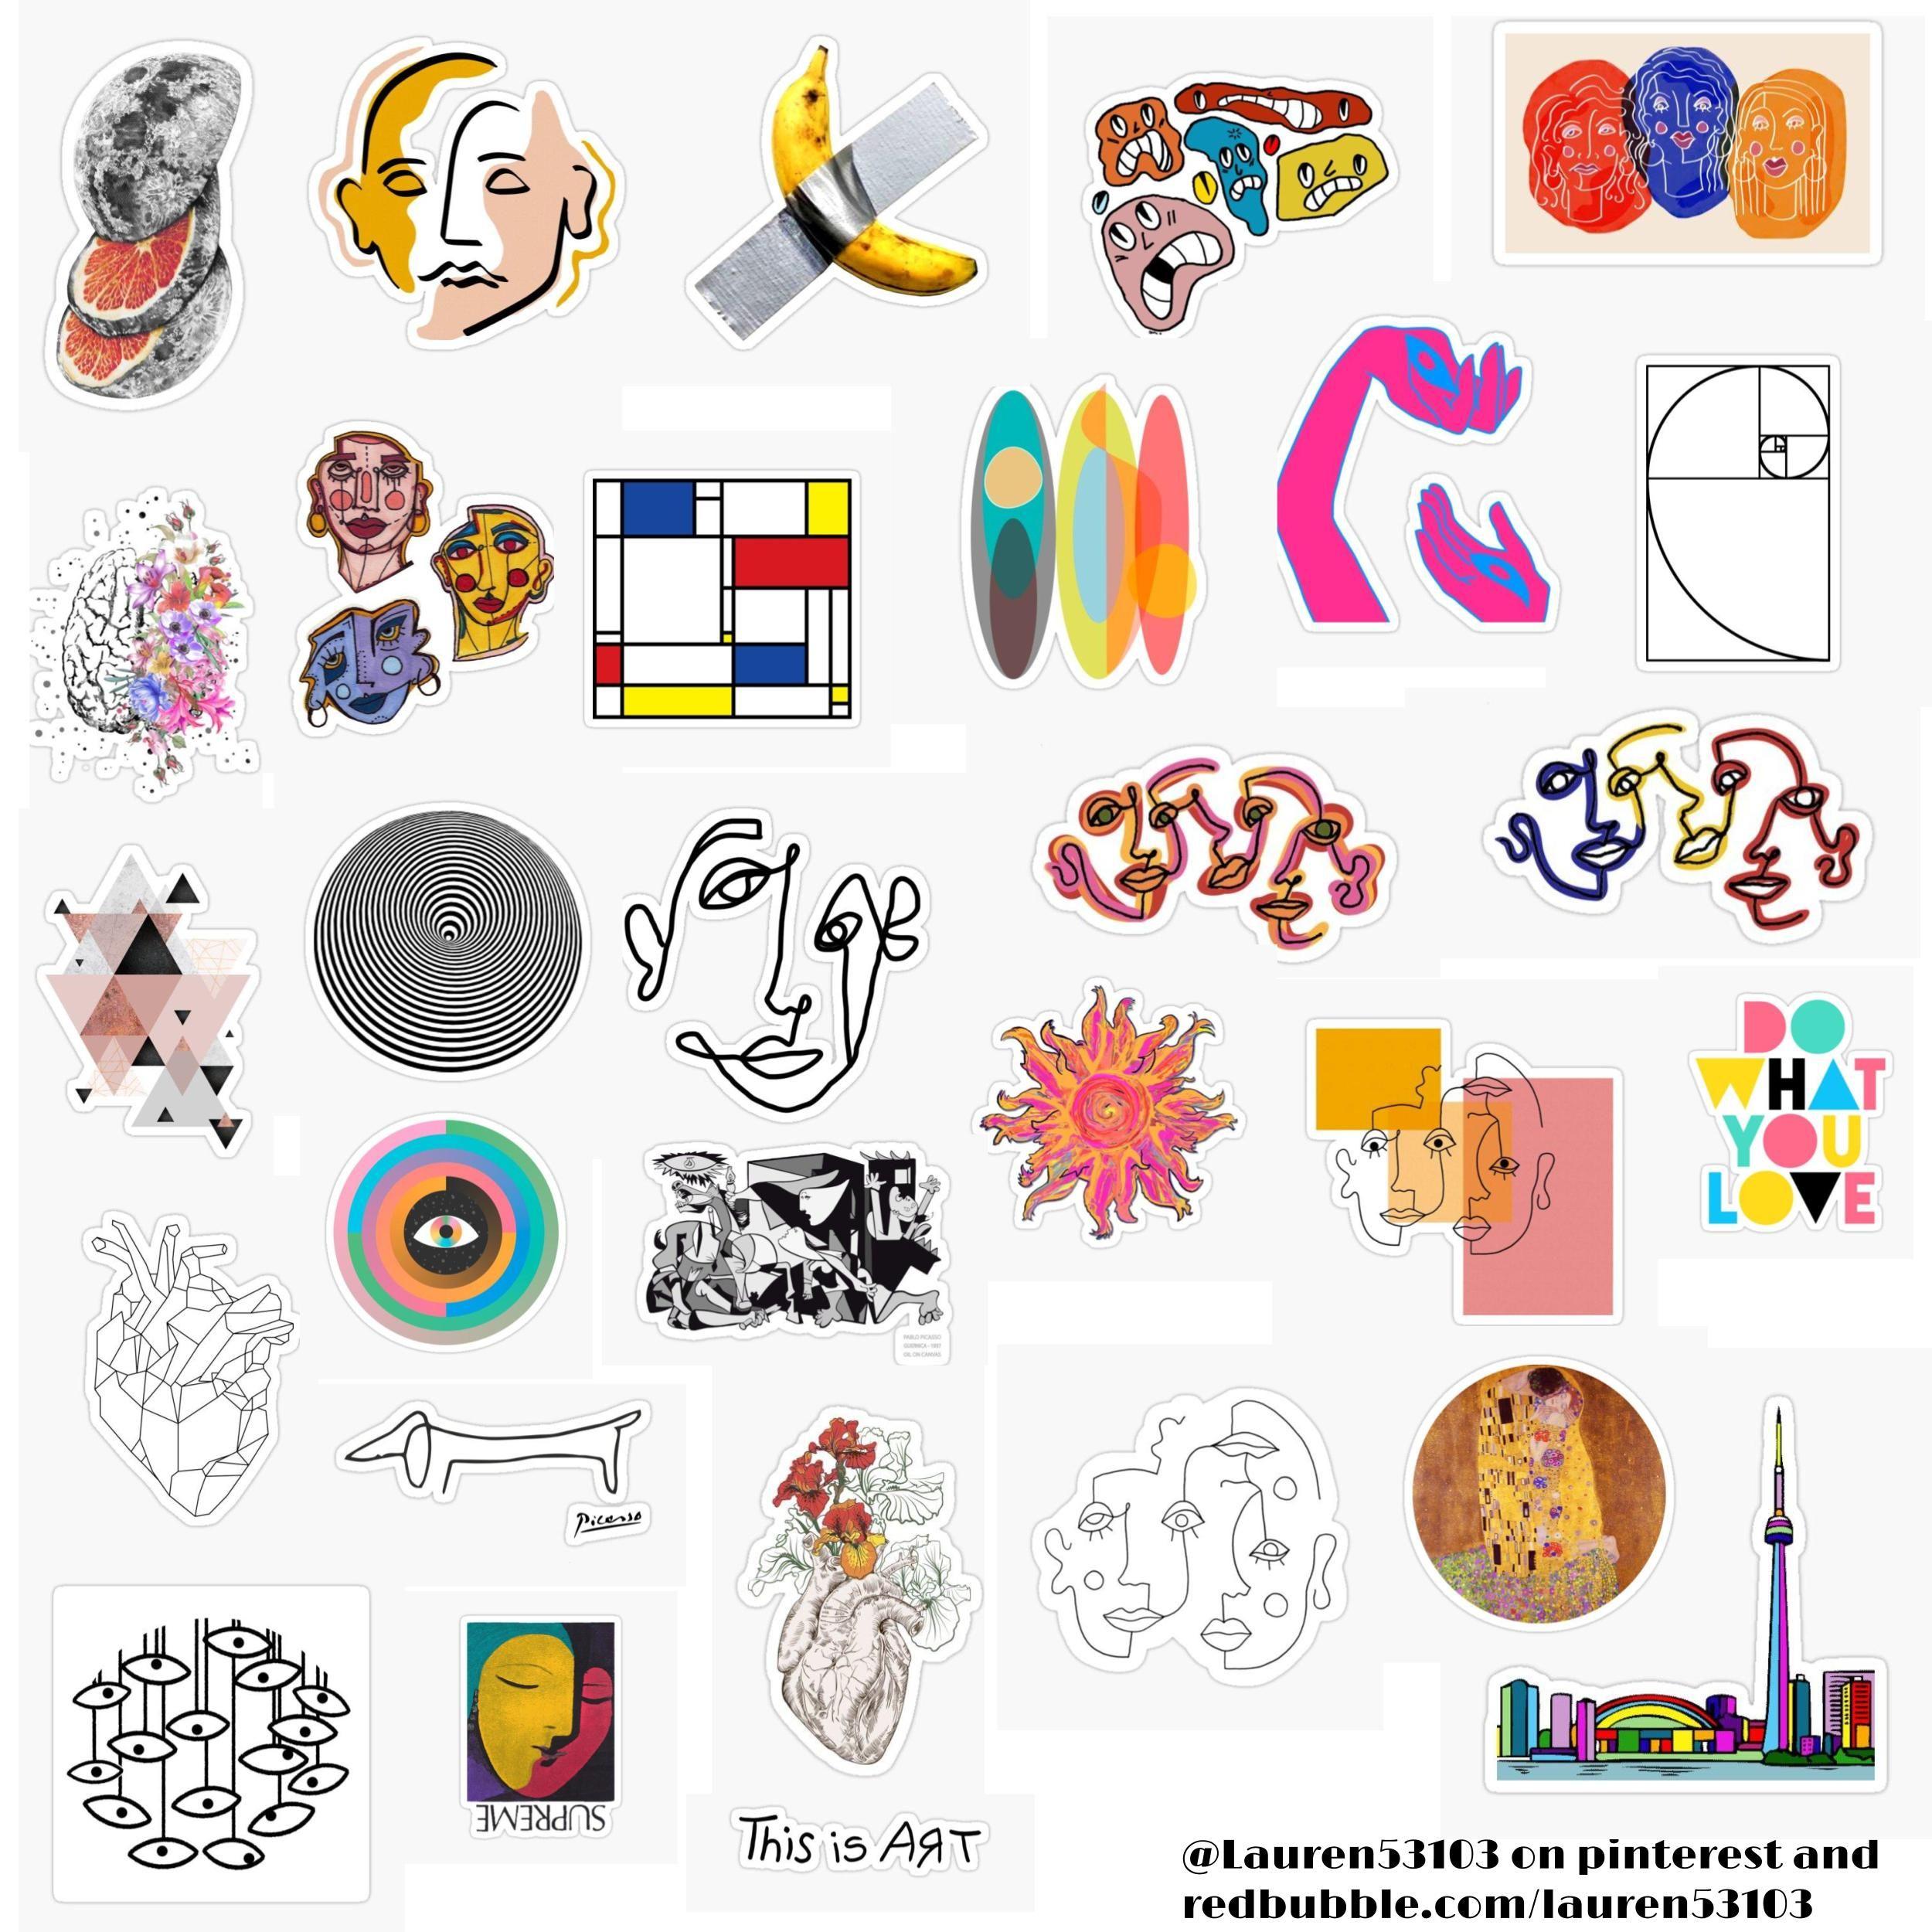 Abstract Sticker Pack In 2020 Hippie Sticker Sticker Art Cute Laptop Stickers